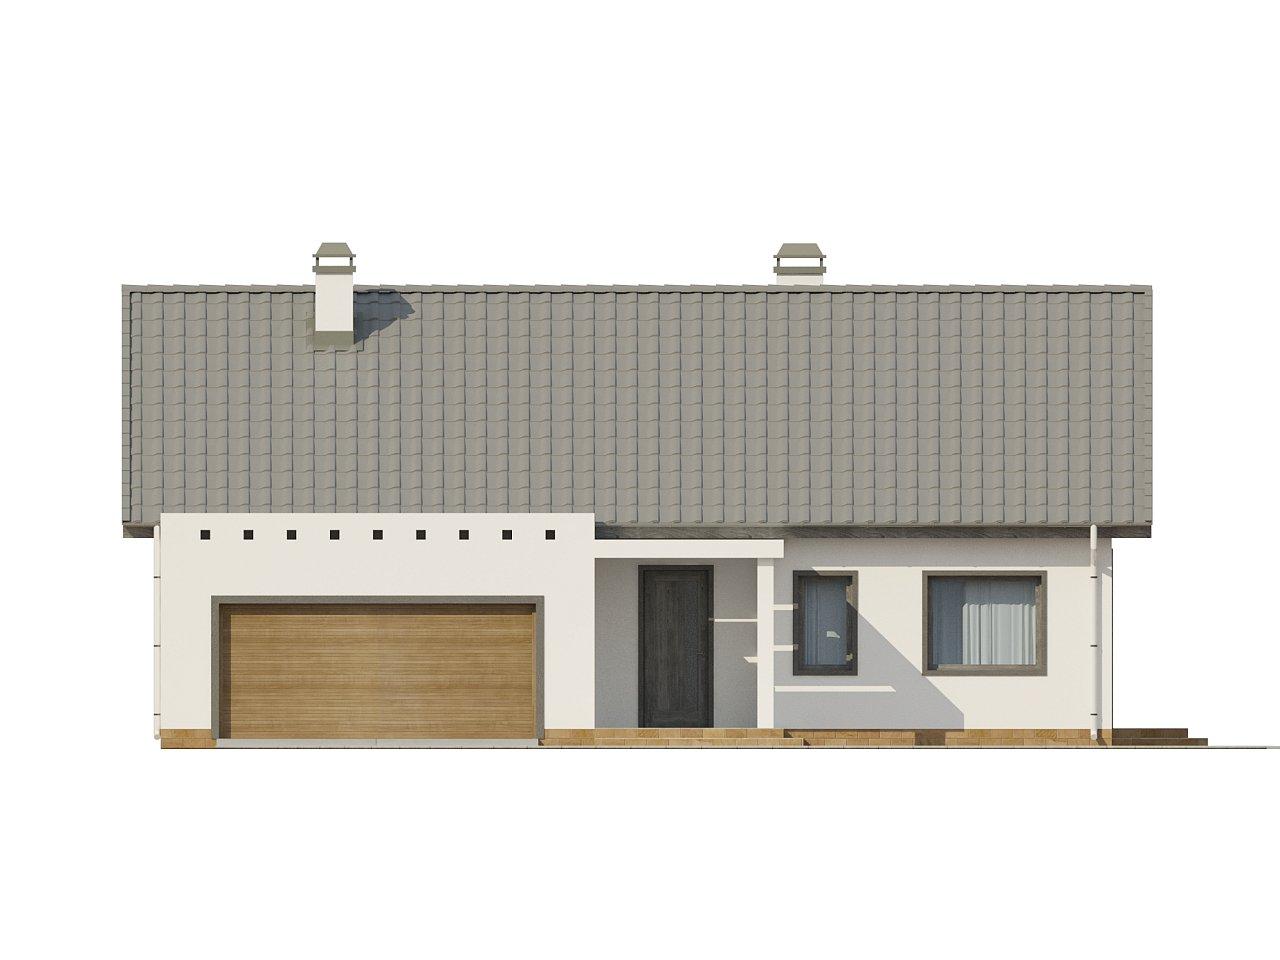 Дом традиционной формы с современными архитектурными дополнениями. Свободная планировка мансарды и антресоль над гостиной. 21